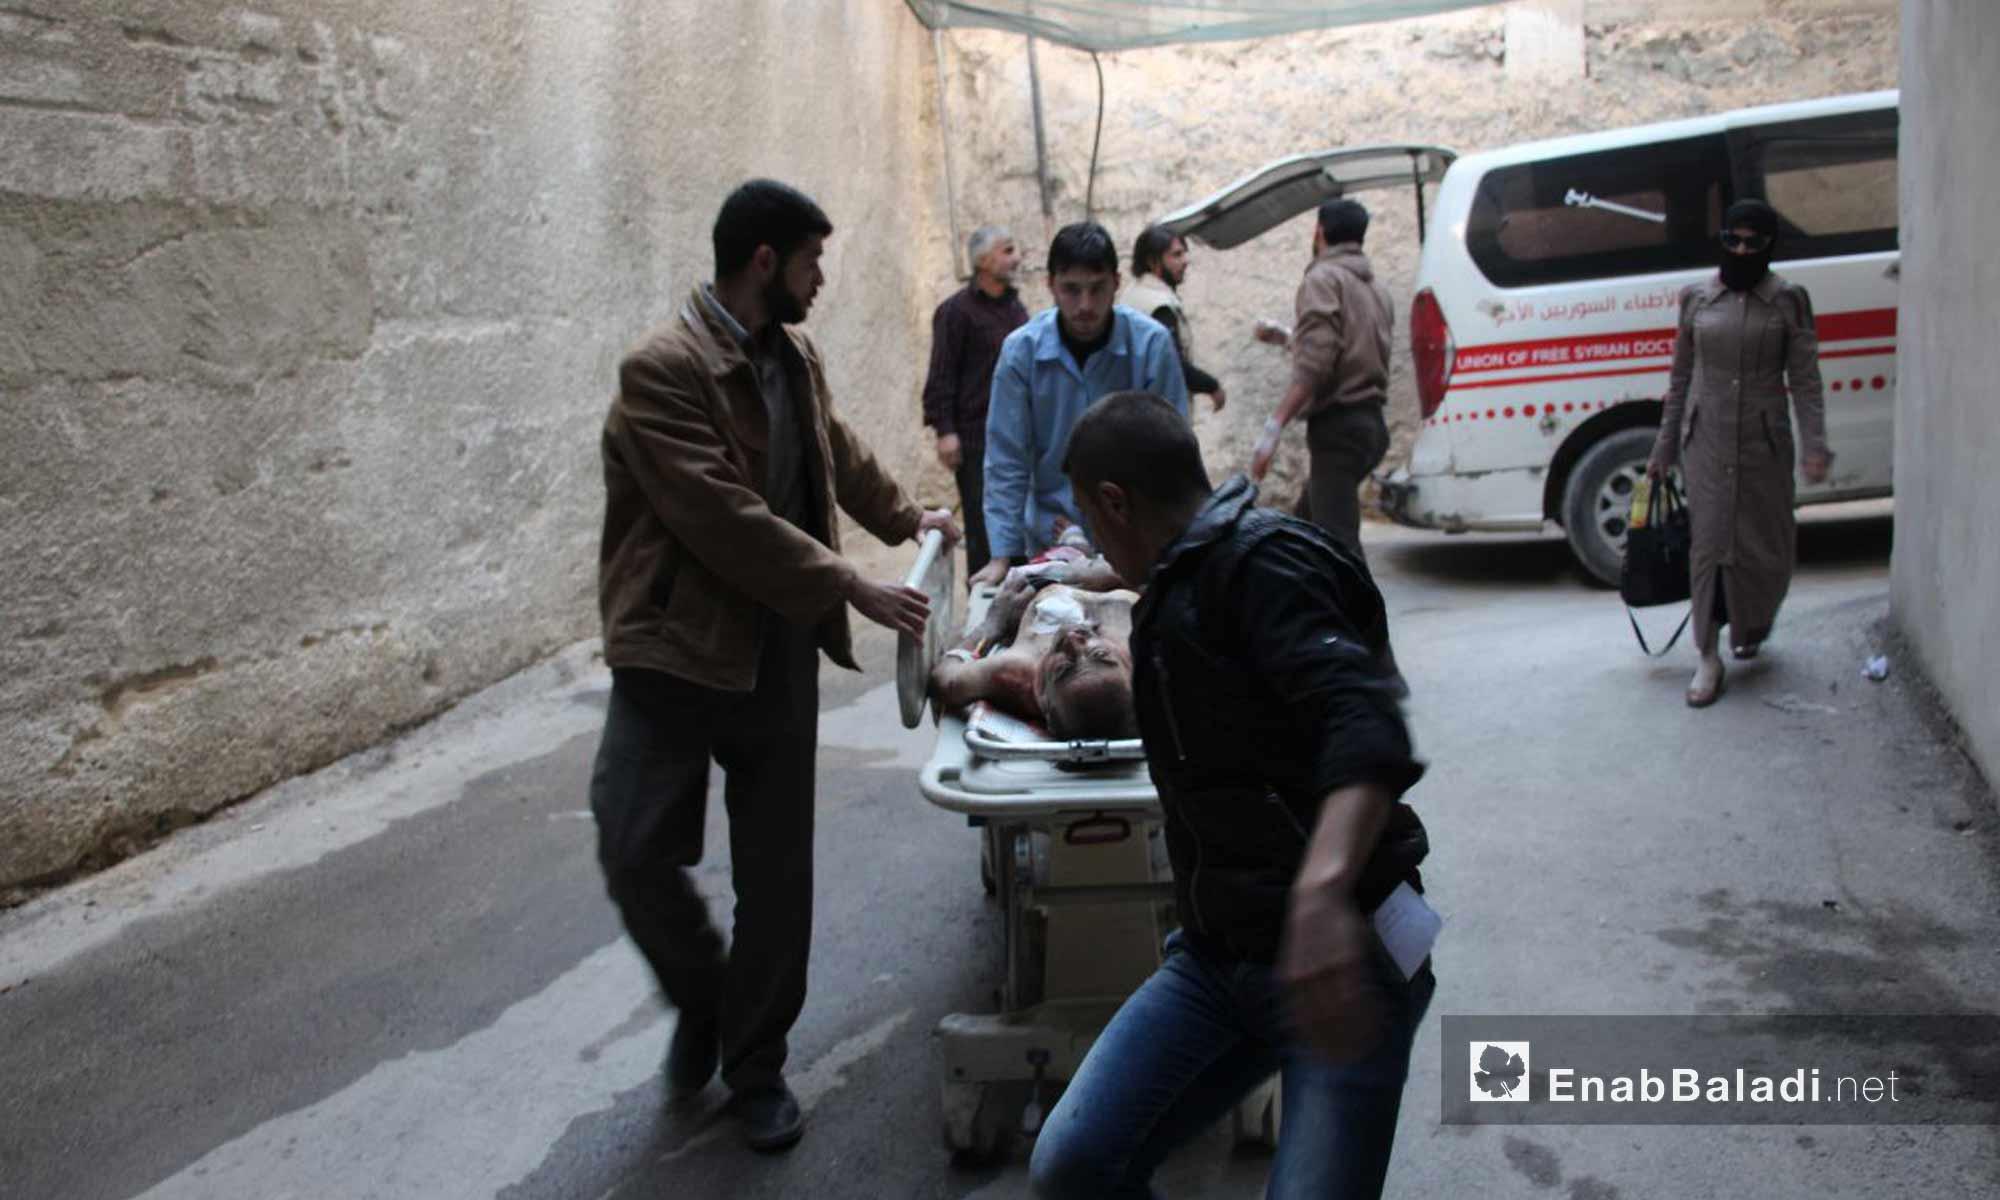 كوادر طبية تسعف مصابي القصف على حمورية وعربين في الغوطة الشرقية - 16 تشرين الثاني 2017 (عنب بلدي)